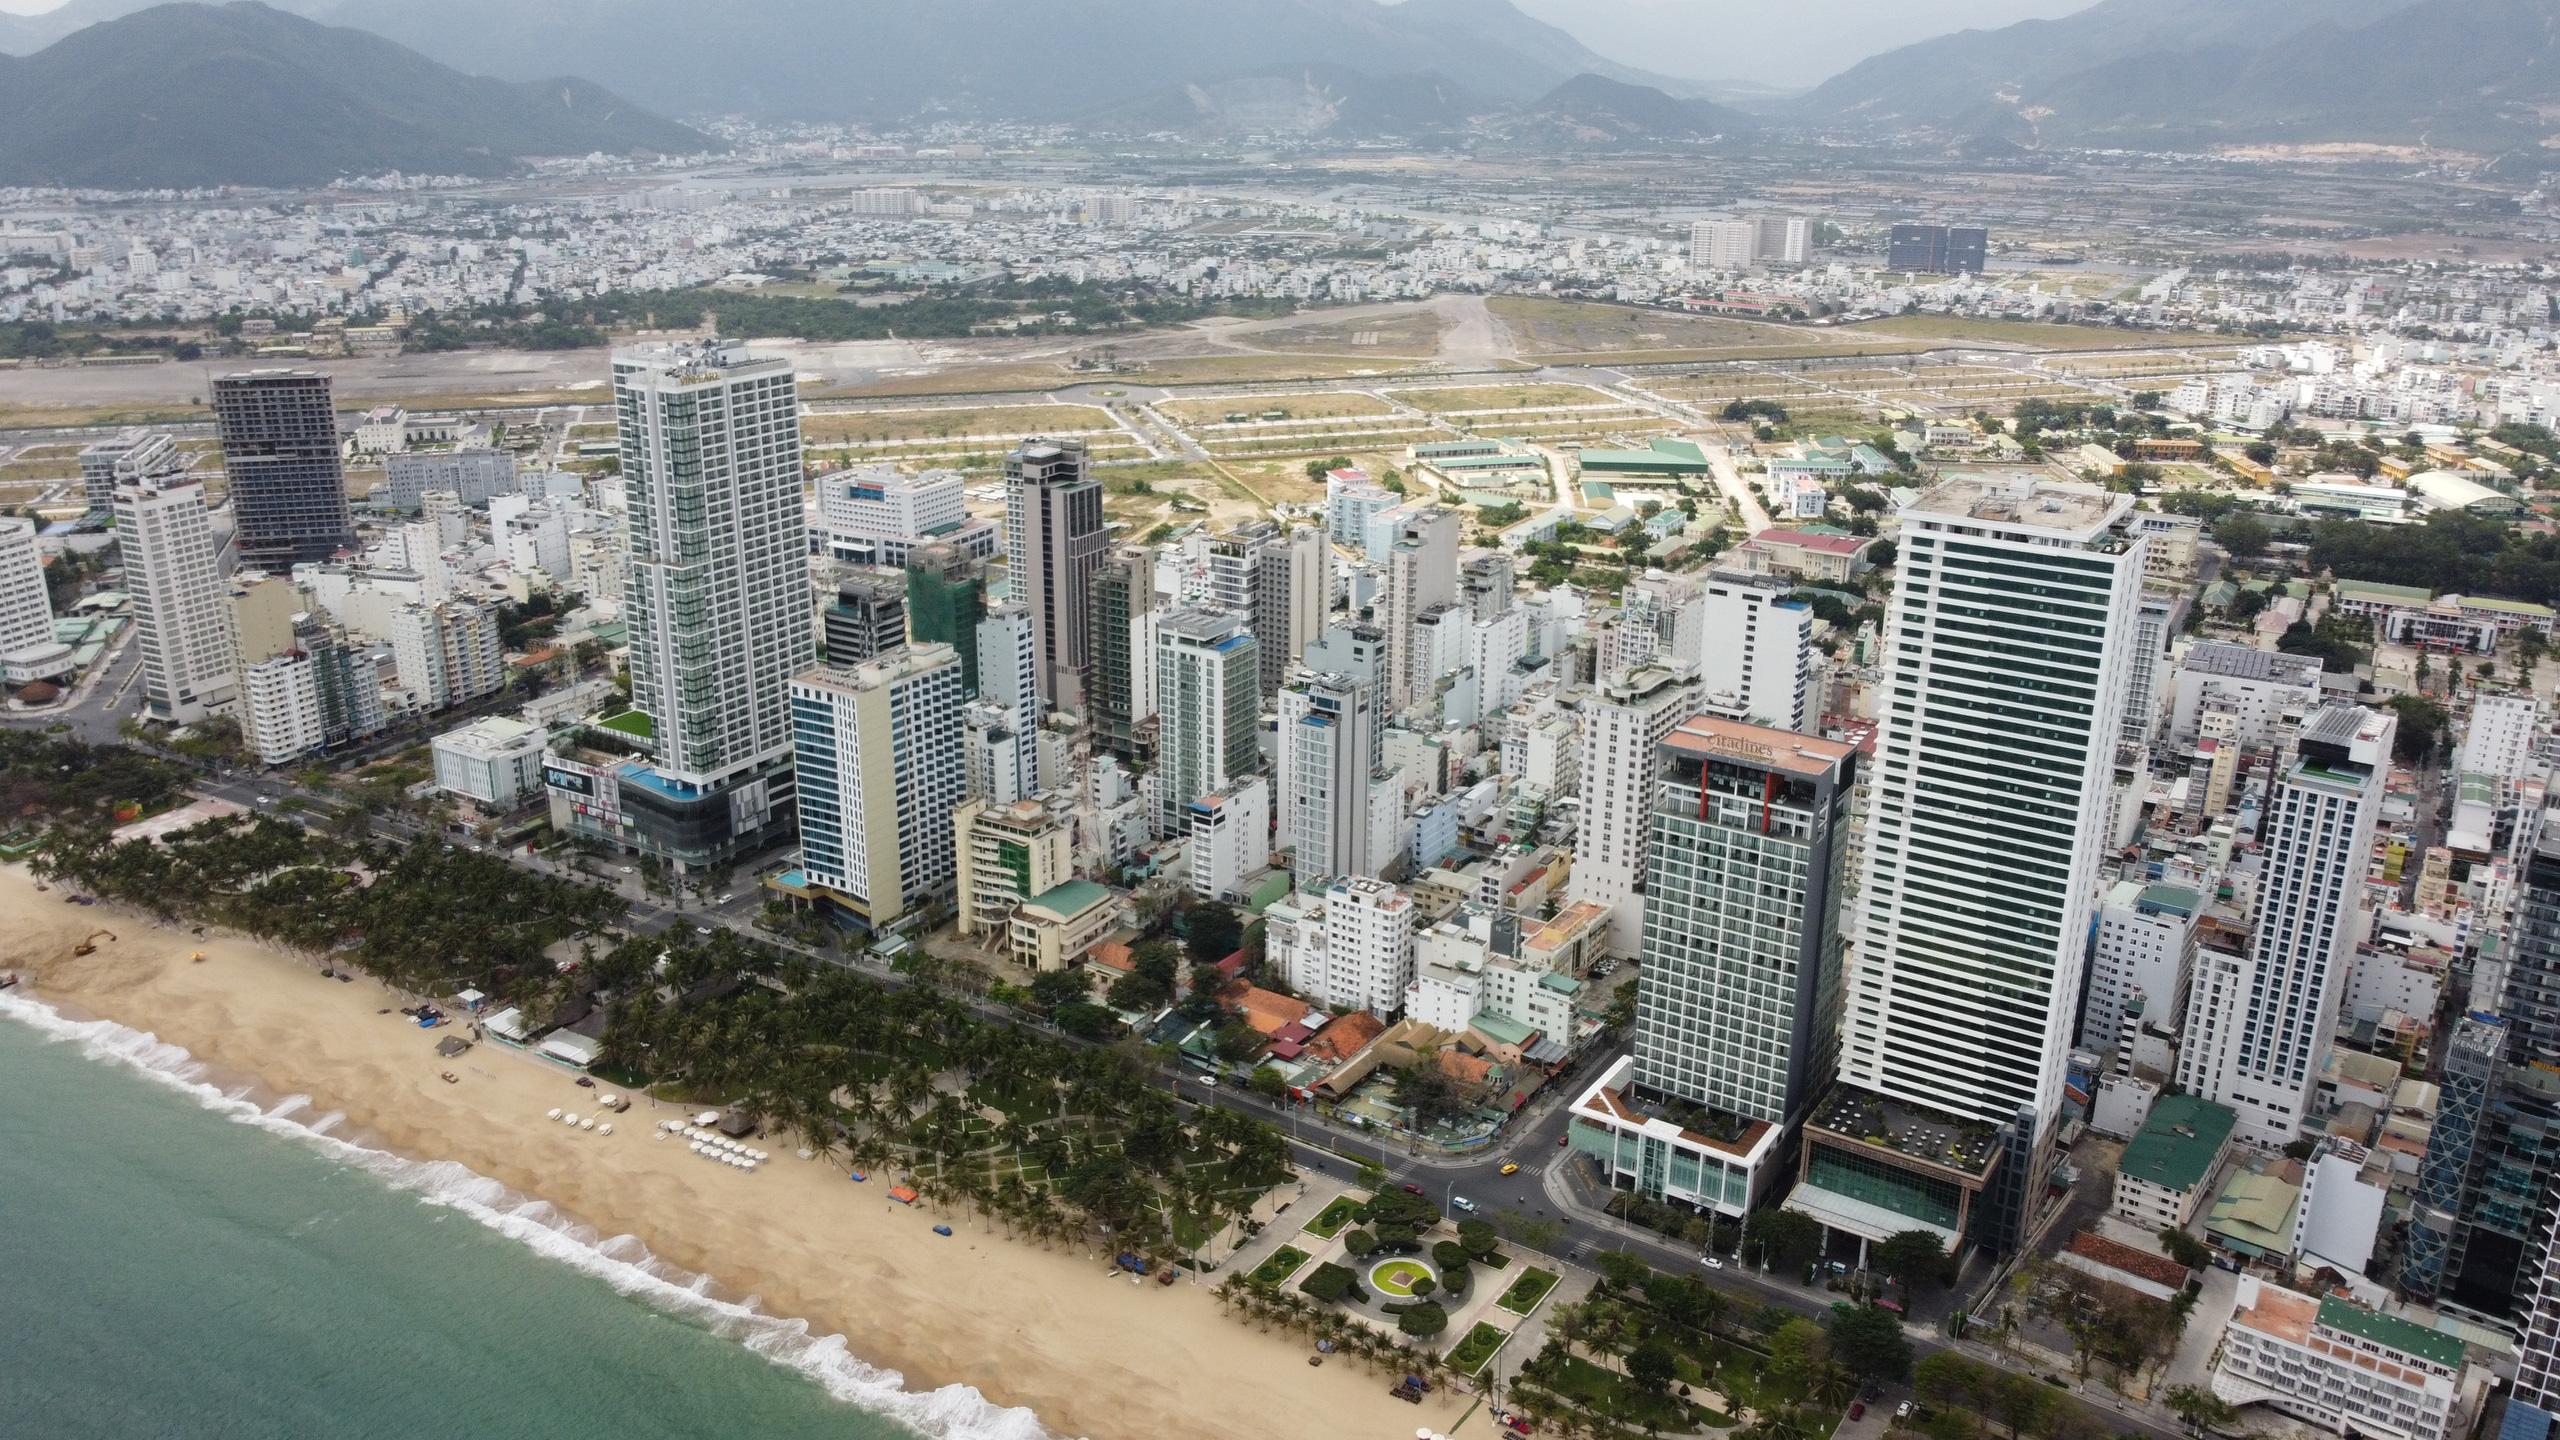 Khánh Hòa cần hơn 111.000 tỷ đồng để phát triển đô thị giai đoạn 2021 - 2025  - Ảnh 1.